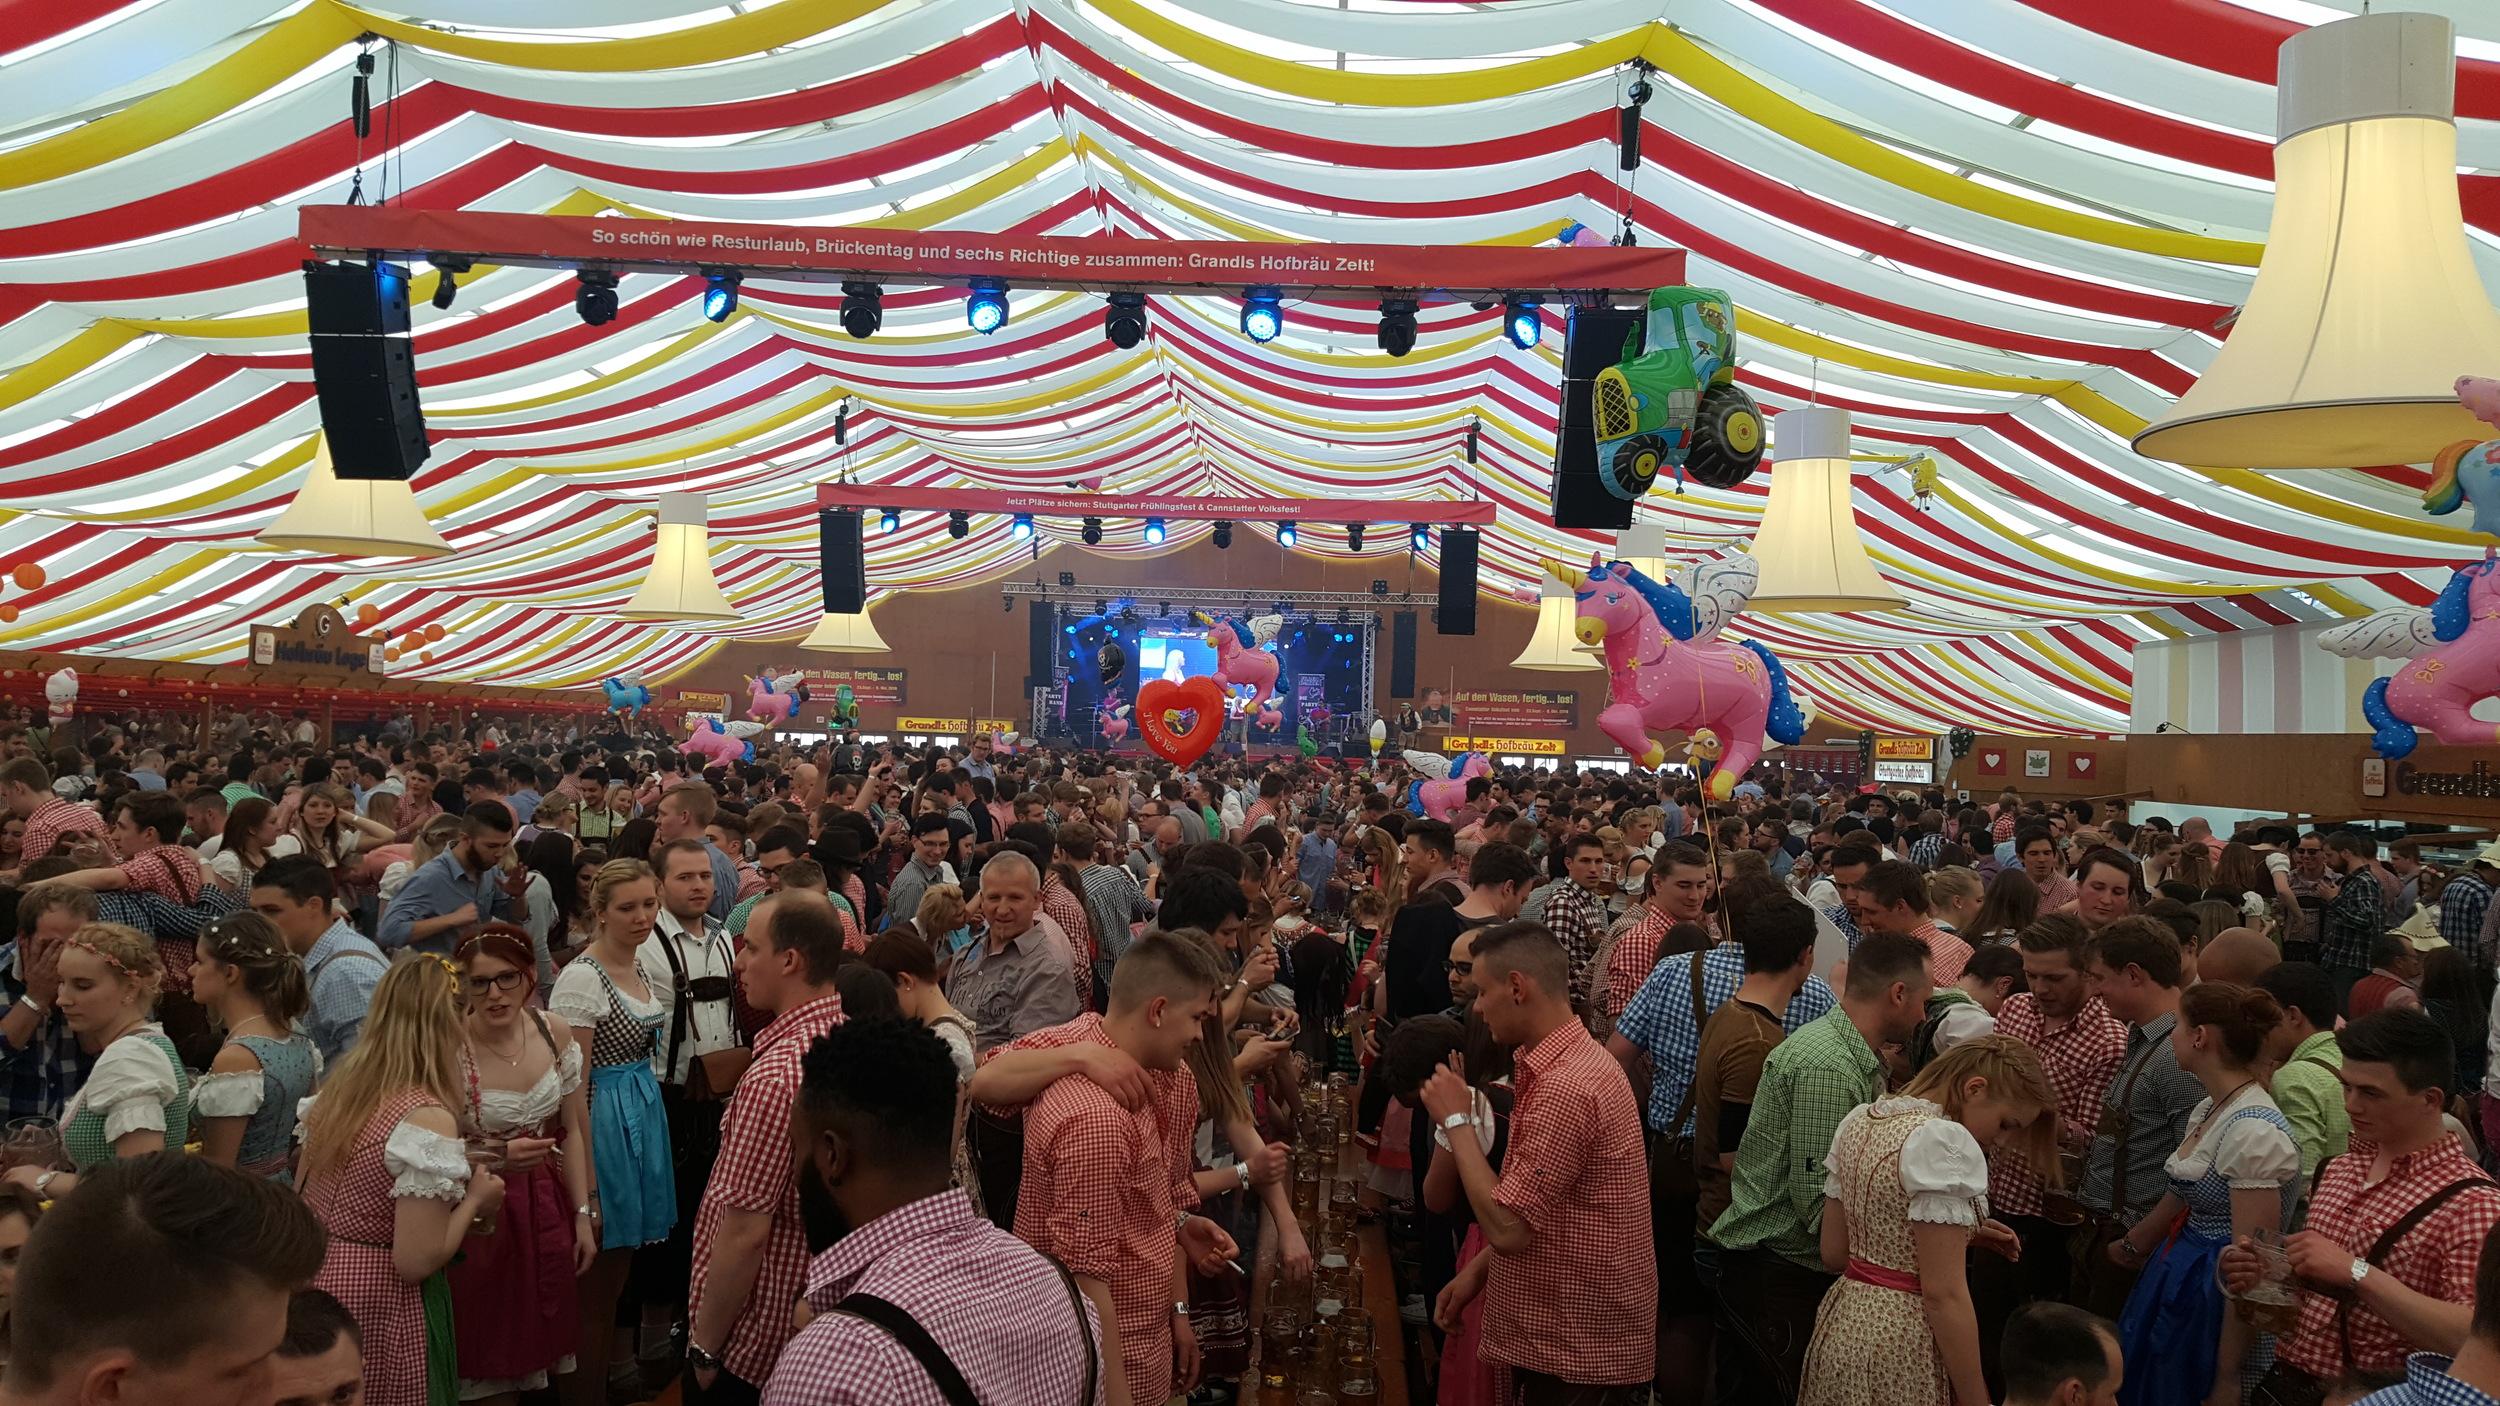 Stuttgart, spring festival, Cannstatter Wasen, April big things, expat living